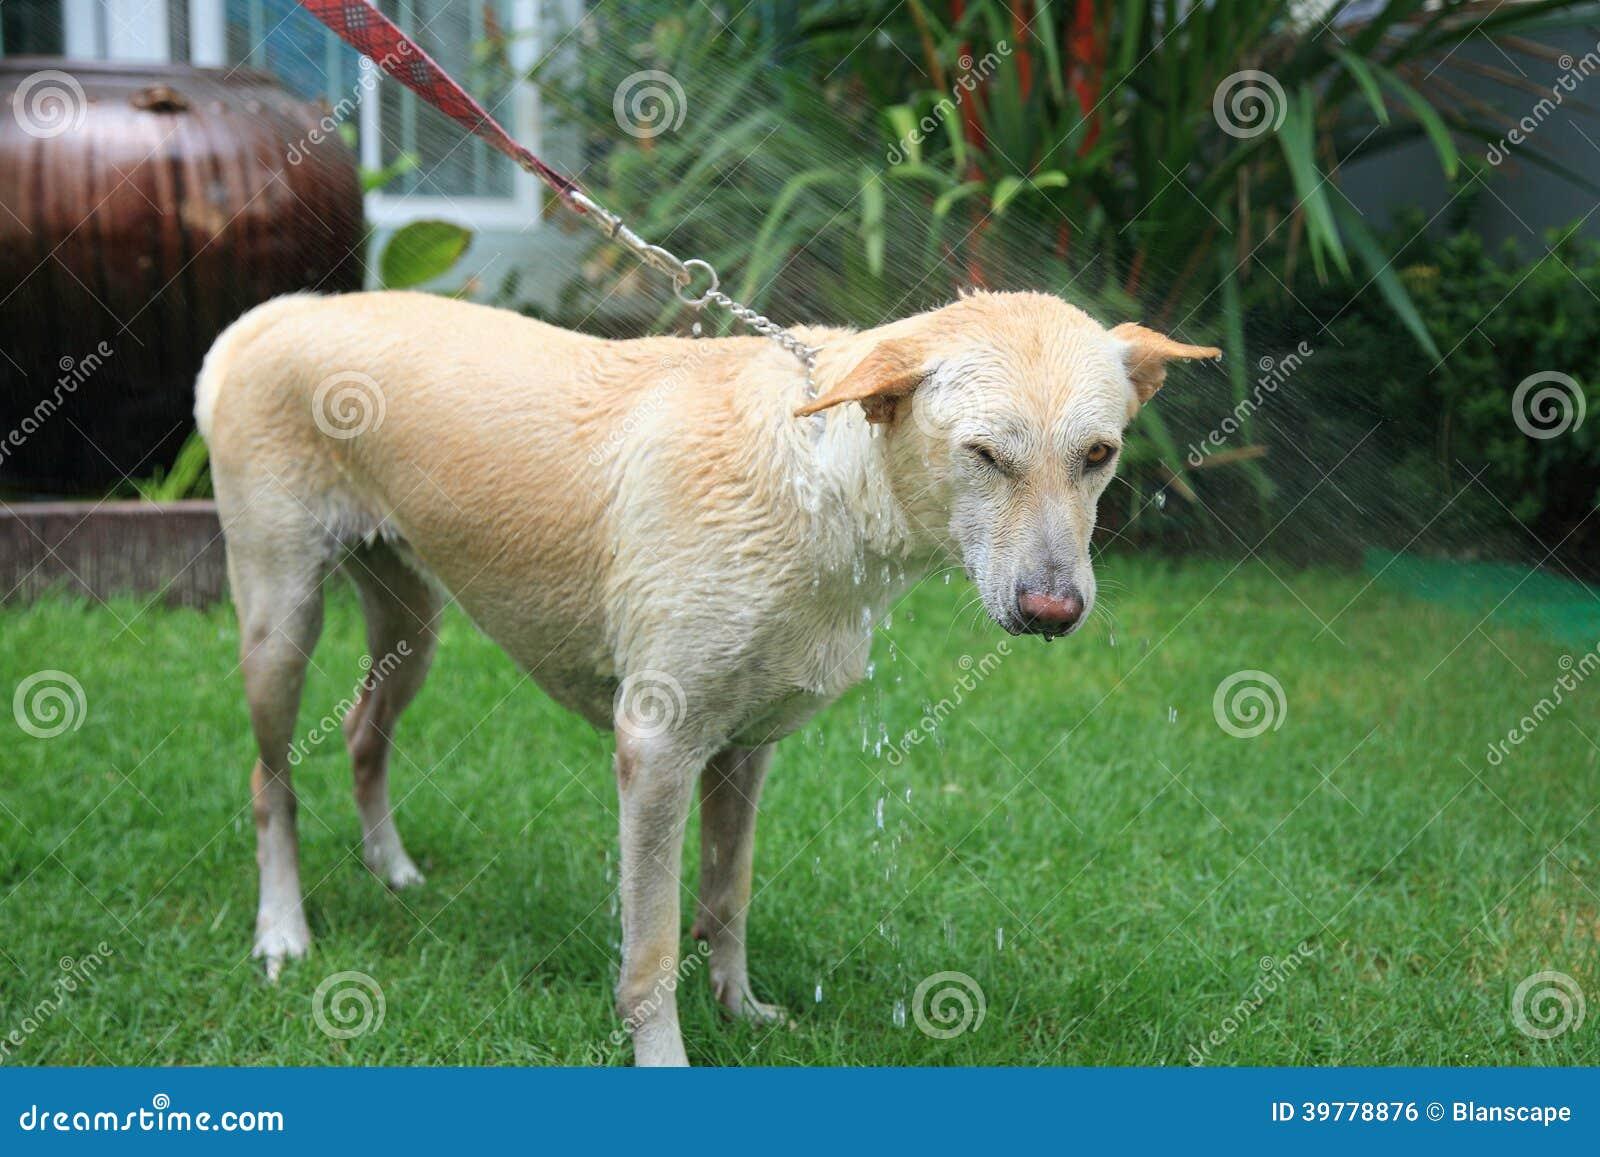 色女和公狗�9��yl#�+_淋浴奶油色狗的喷洒的水在围场.